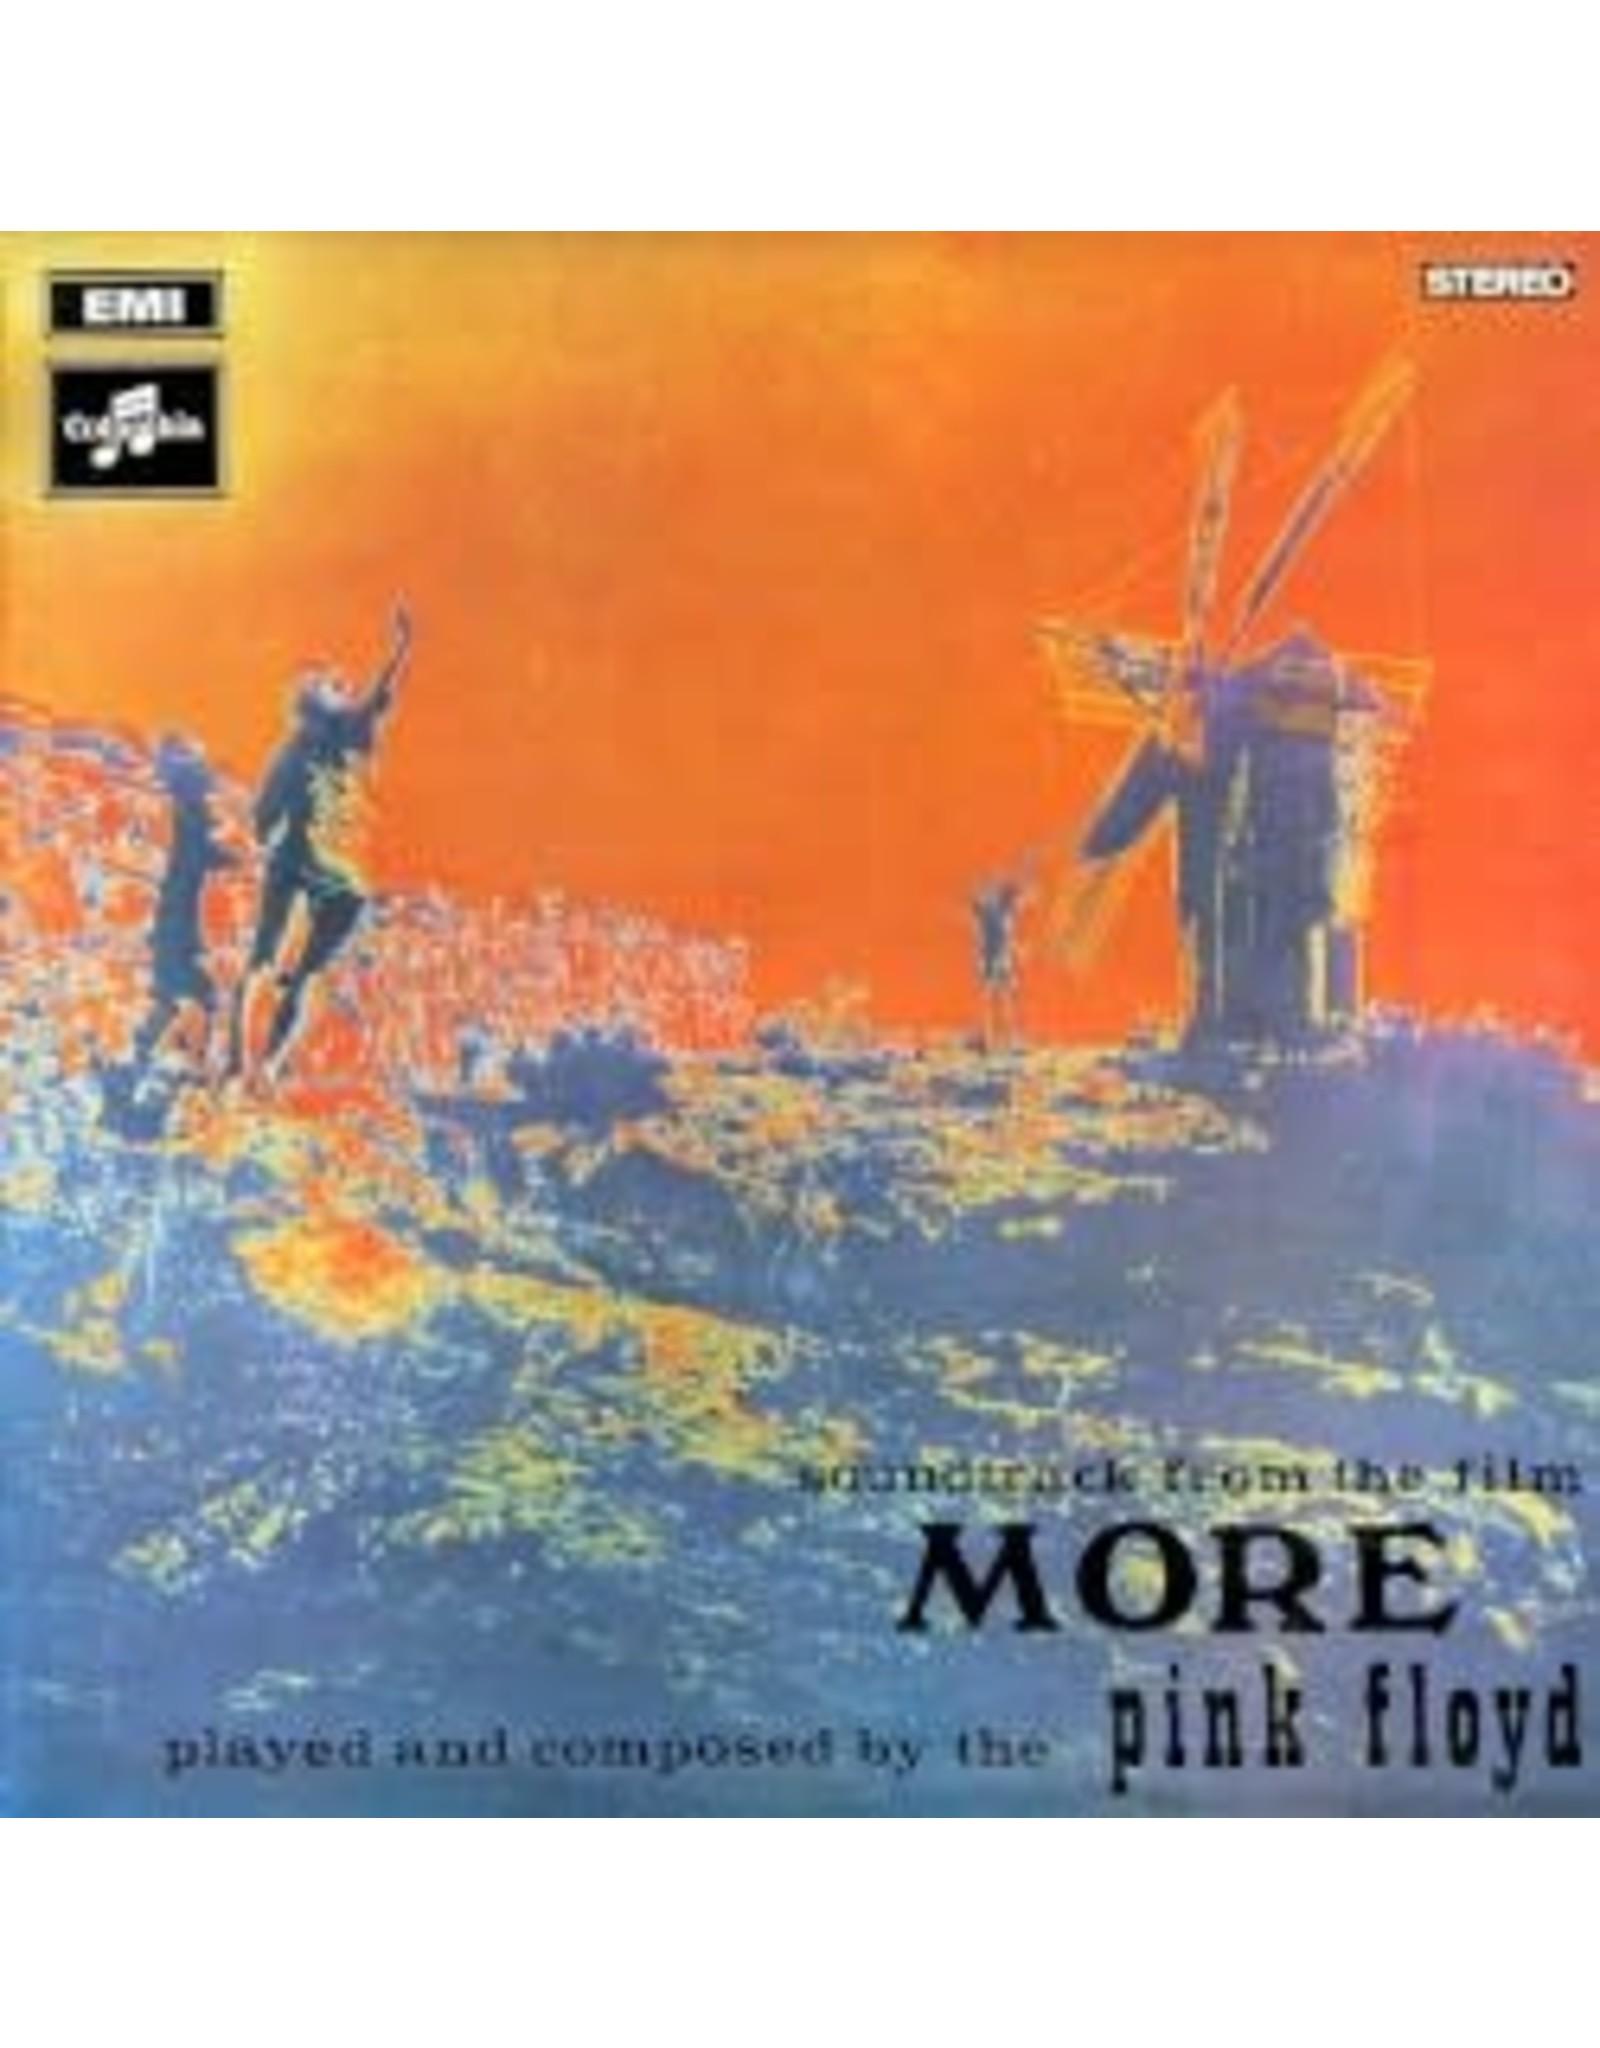 Pink Floyd - More (Soundtrack) LP